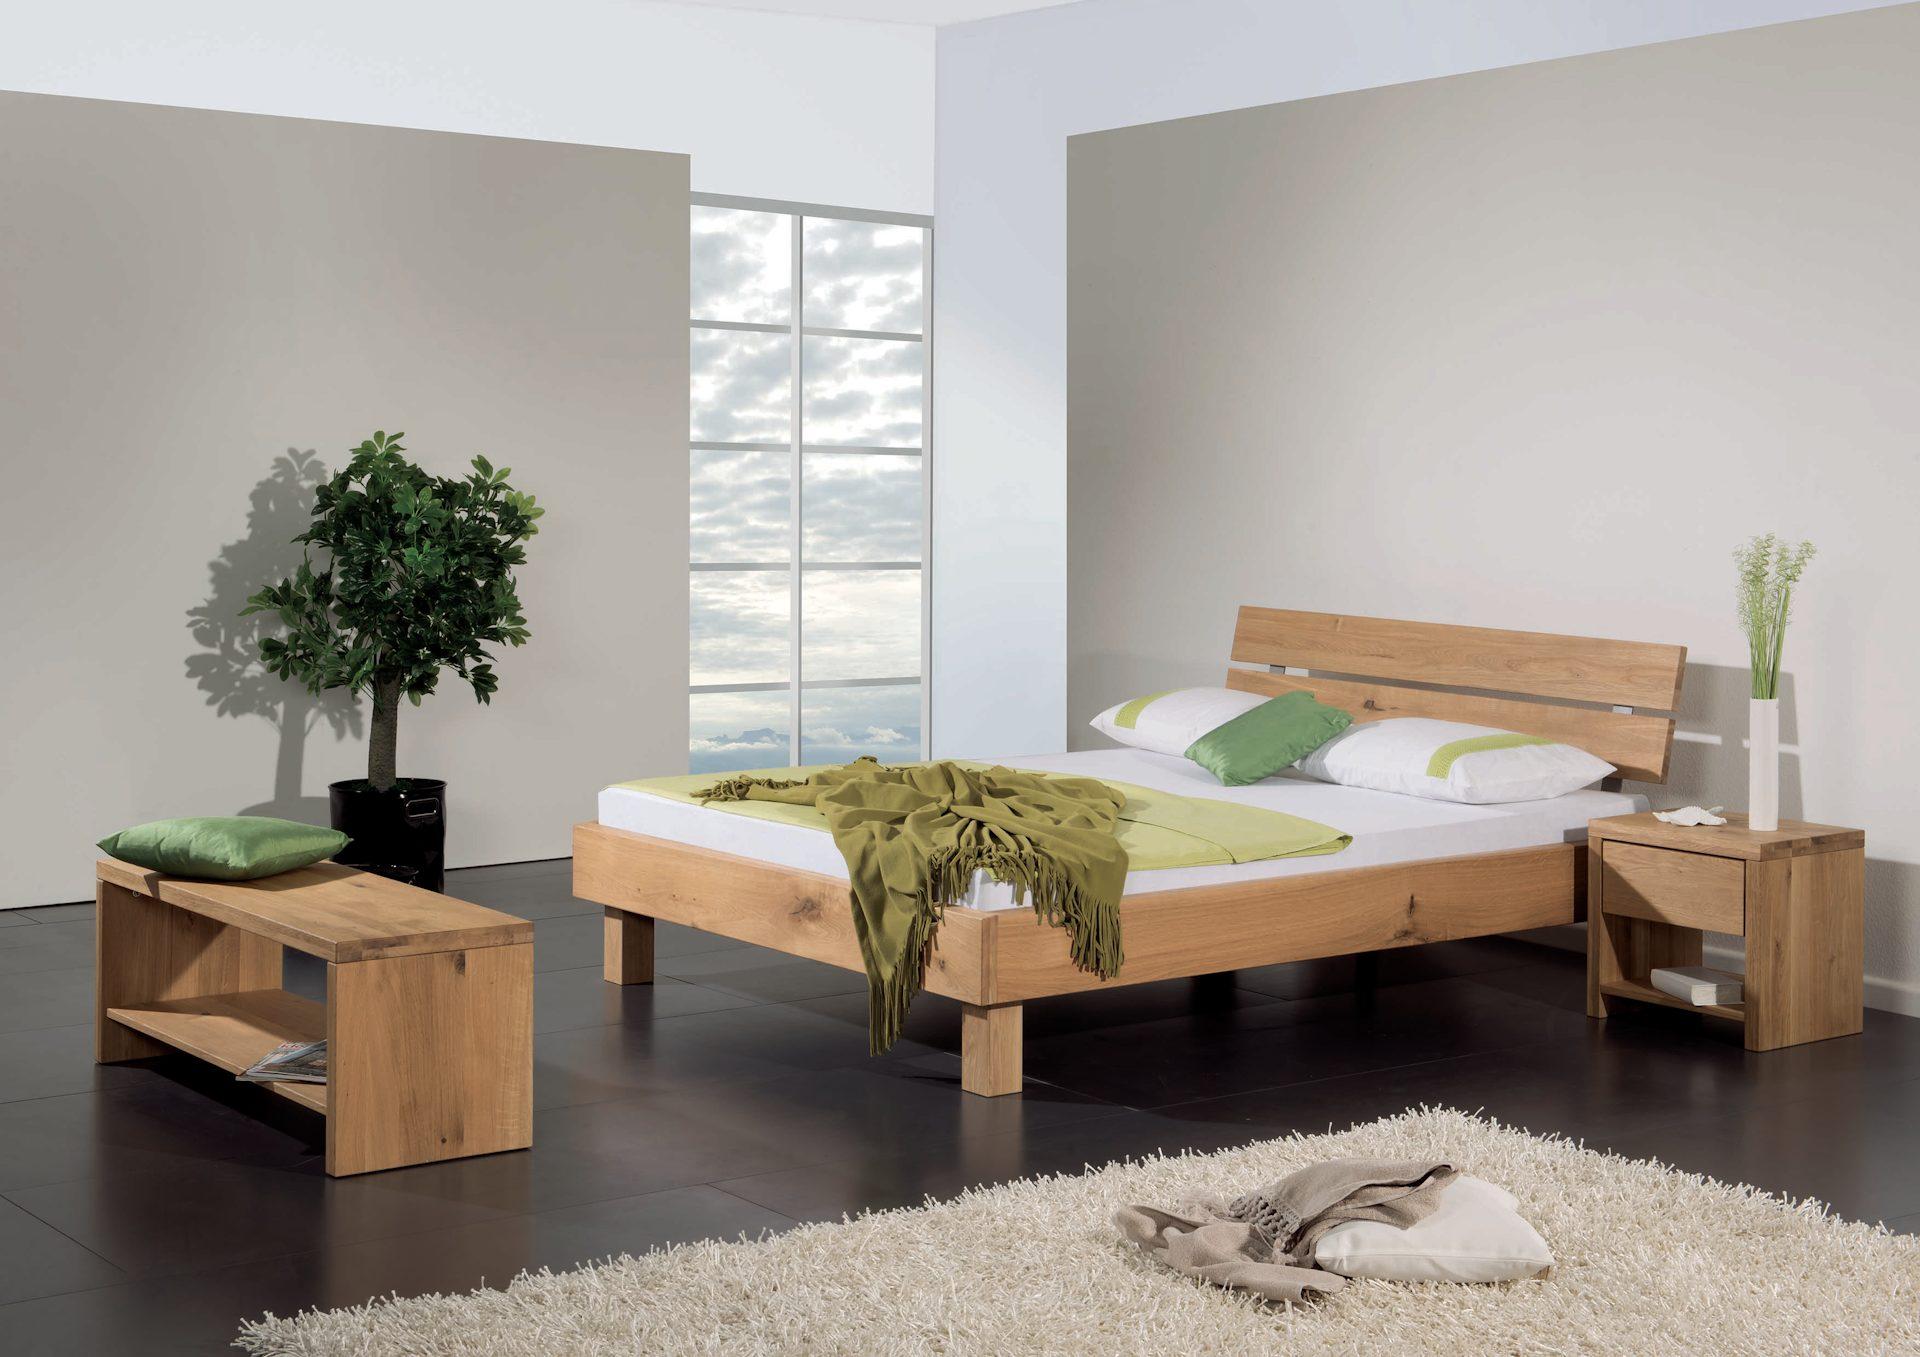 Blickfang Betten Günstig Kaufen 180x200 Beste Wahl Bett Natura 180 X 200